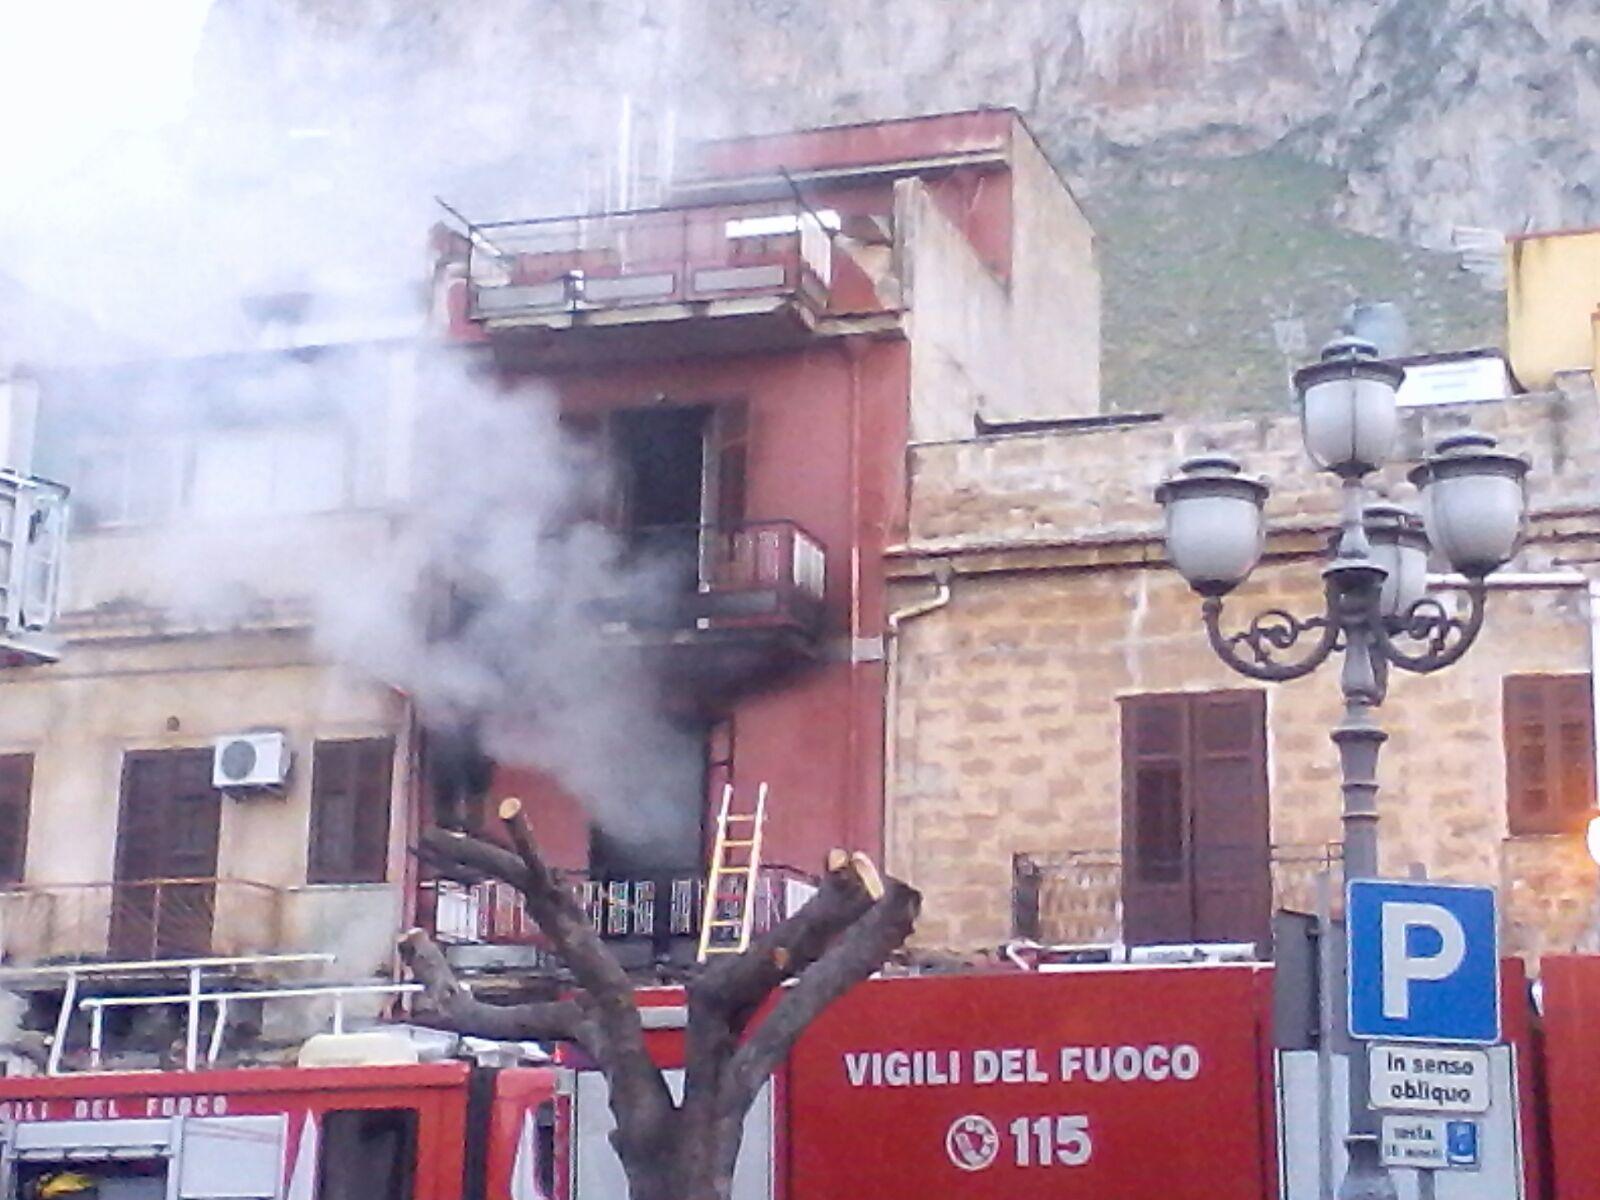 Scoppia un rogo in una palazzina di Capaci:  si lanciano dal balcone per sfuggire alle fiamme (VIDEO)